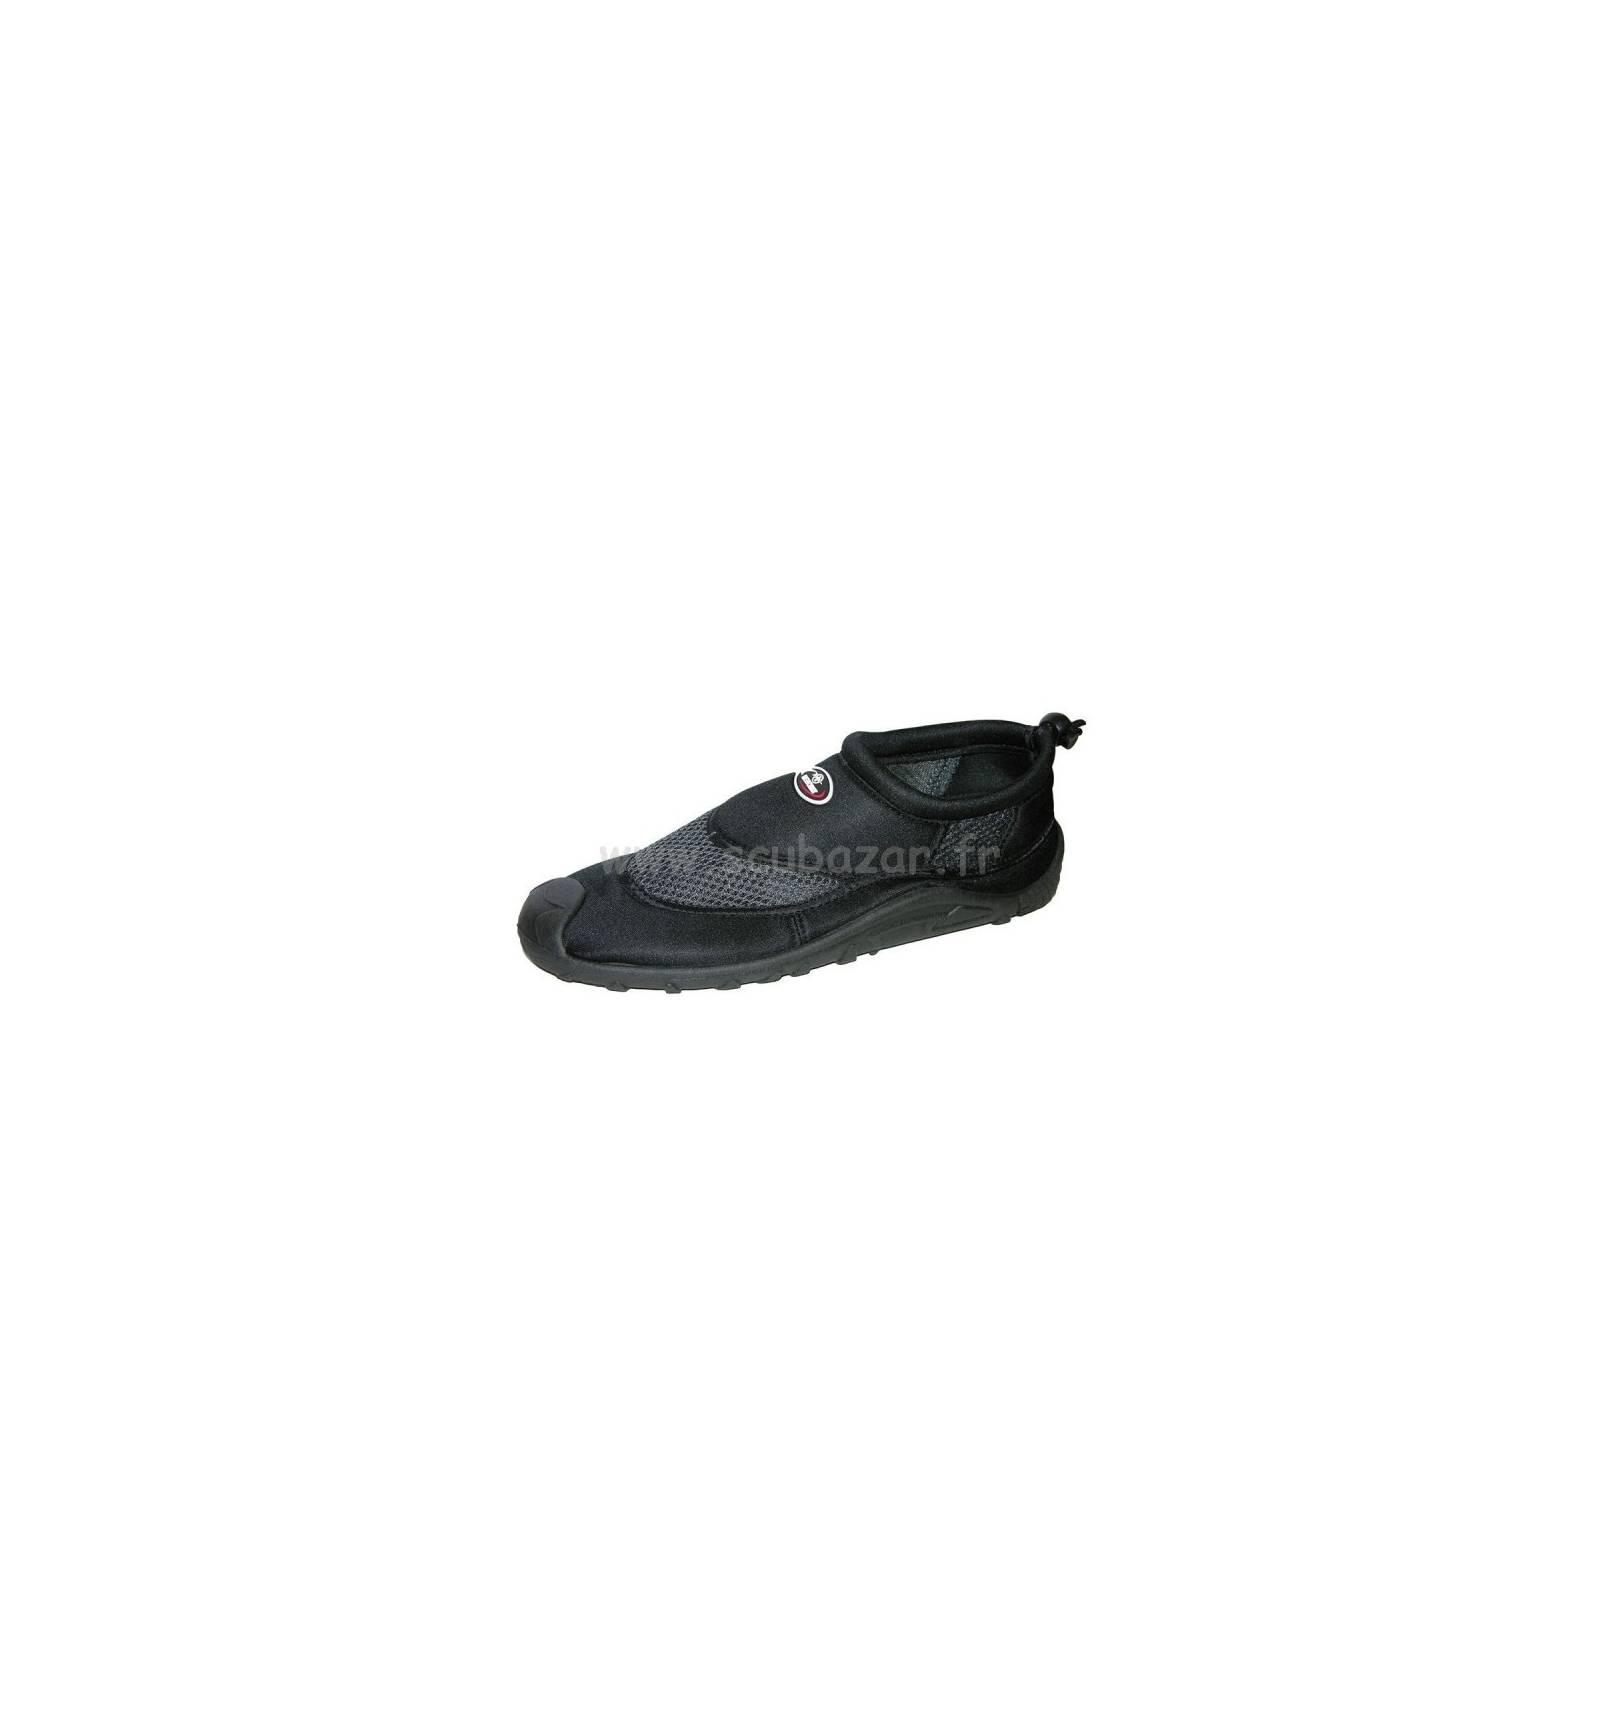 chaussures de plage enfant beuchat plong e chaussures. Black Bedroom Furniture Sets. Home Design Ideas